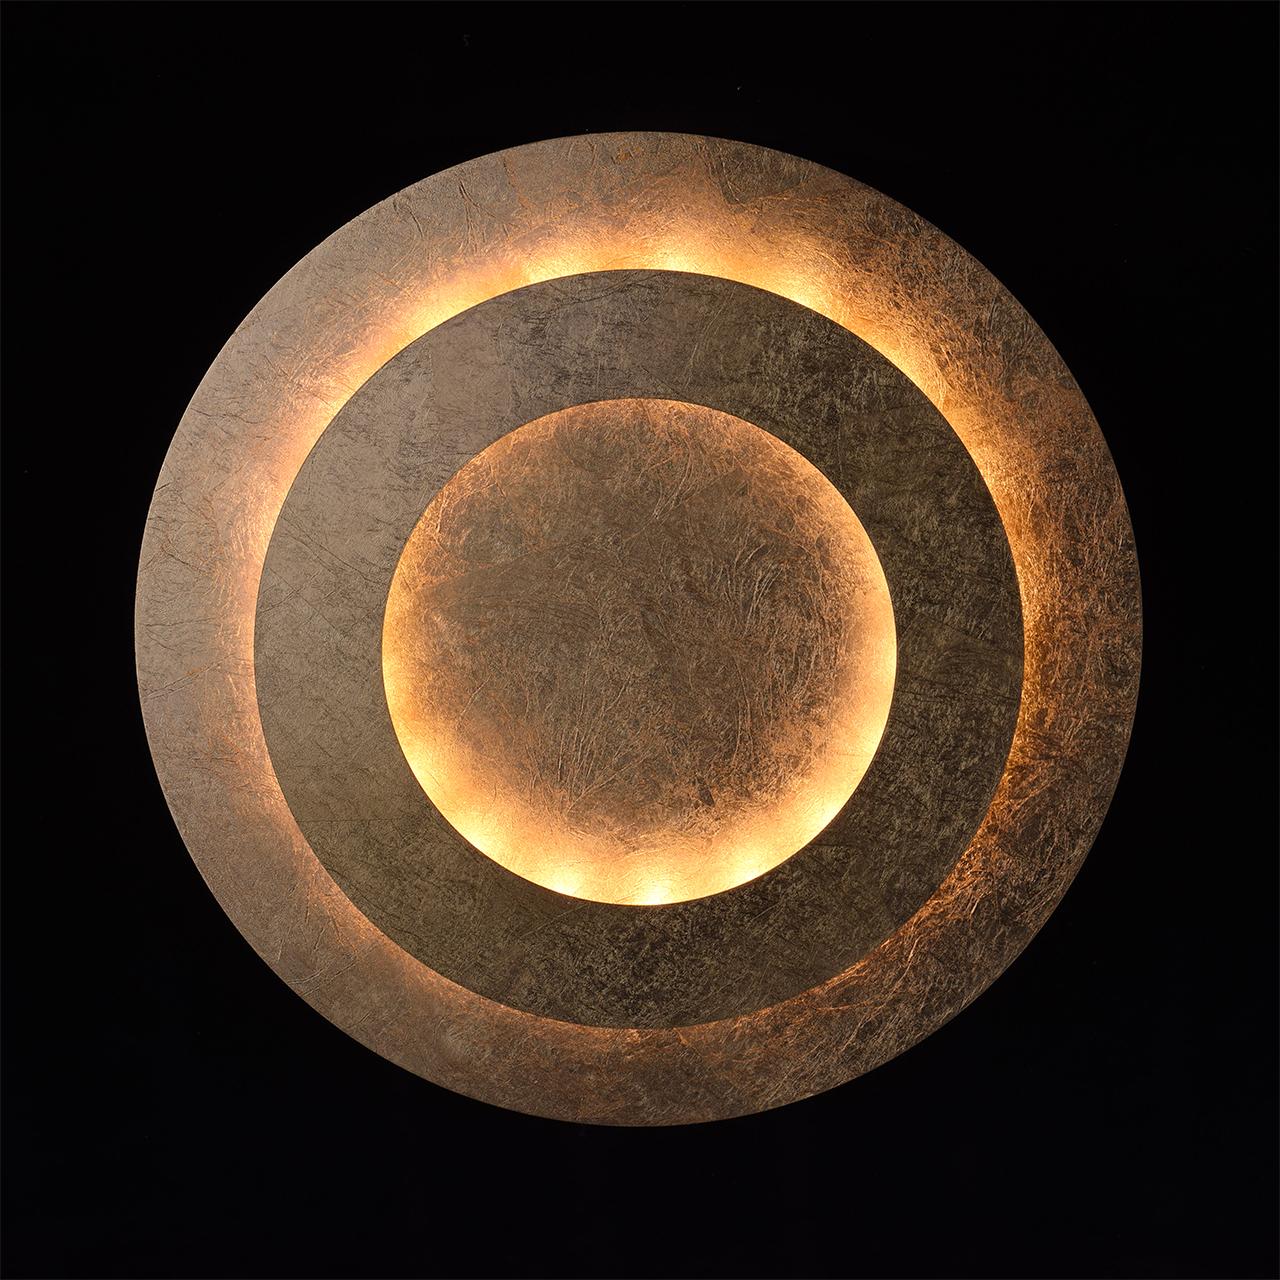 Потолочный светодиодный светильник De Markt Галатея 452011701, LED 18W, 3000K (теплый), матовое золото, металл - фото 4